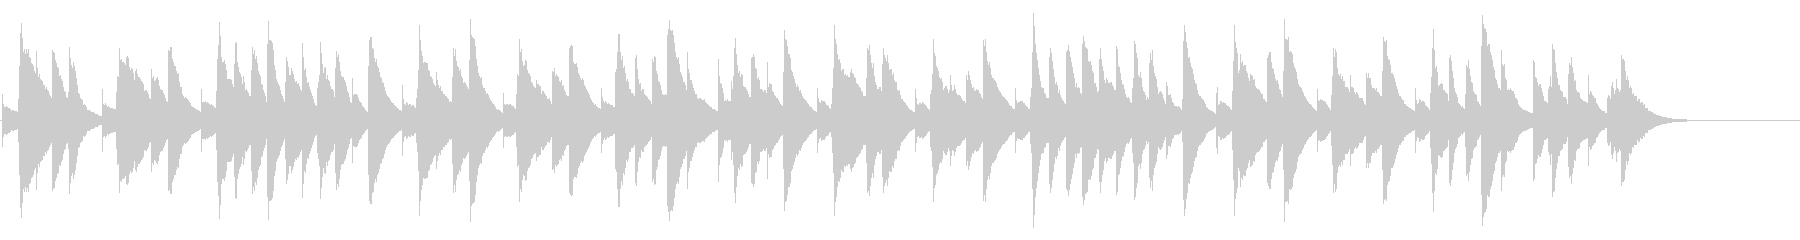 ハッピーバースデー カード式オルゴールの未再生の波形